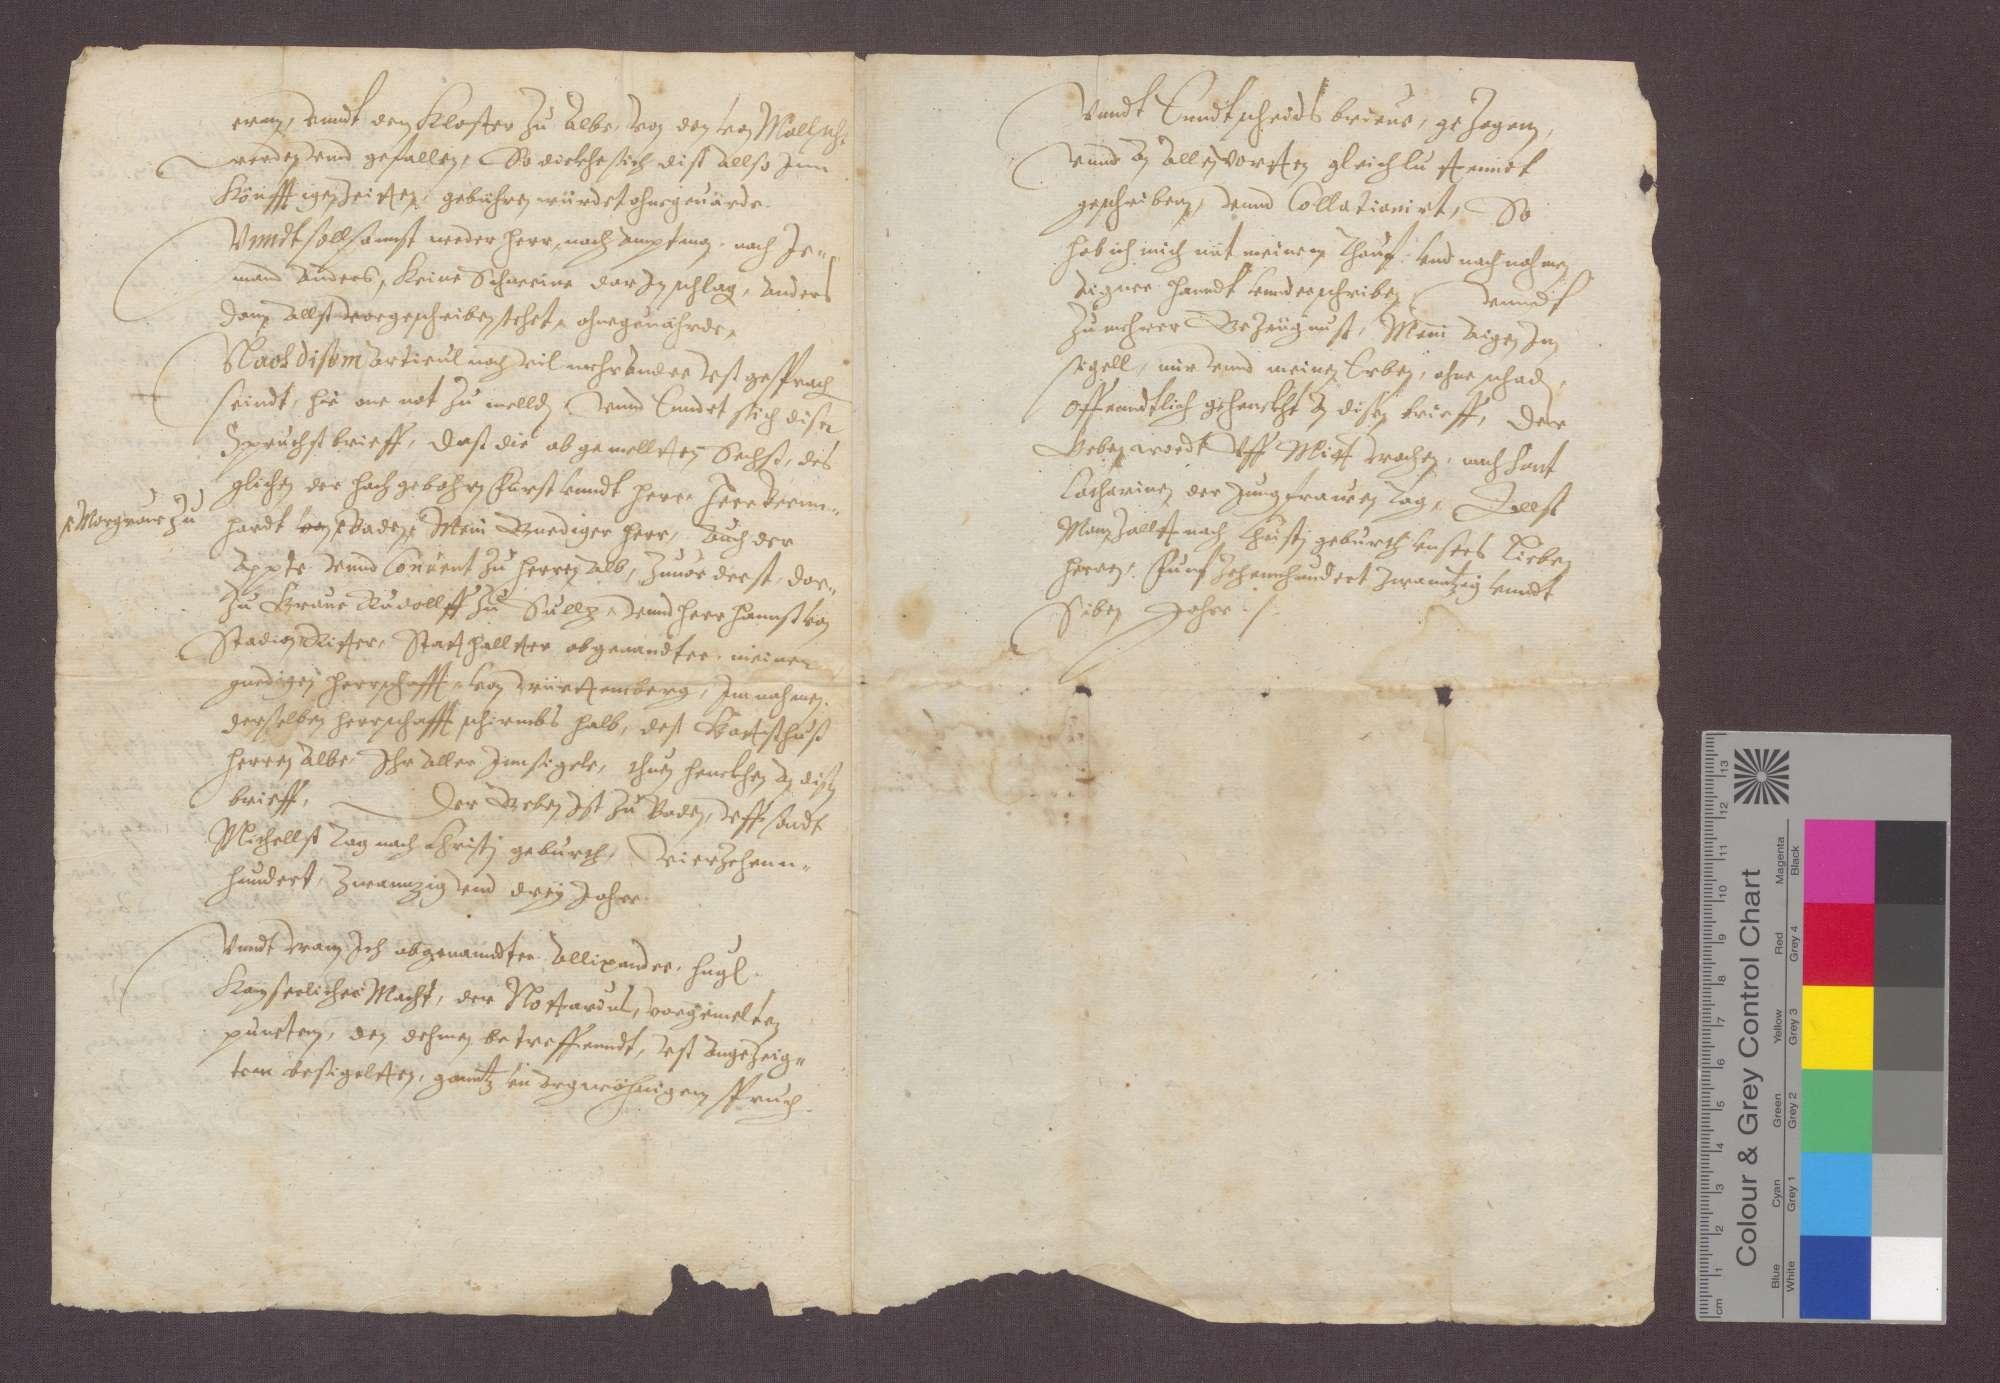 Der Notar Alexander Hugl von Calw vidimiert auf Bitten der Gemeinde Malsch und mit Billigung des Abts von Herrenalb einen Auszug aus dem Vertrag vom 29. September 1423 über das Eckerichrecht der Gemeinde Malsch., Bild 3